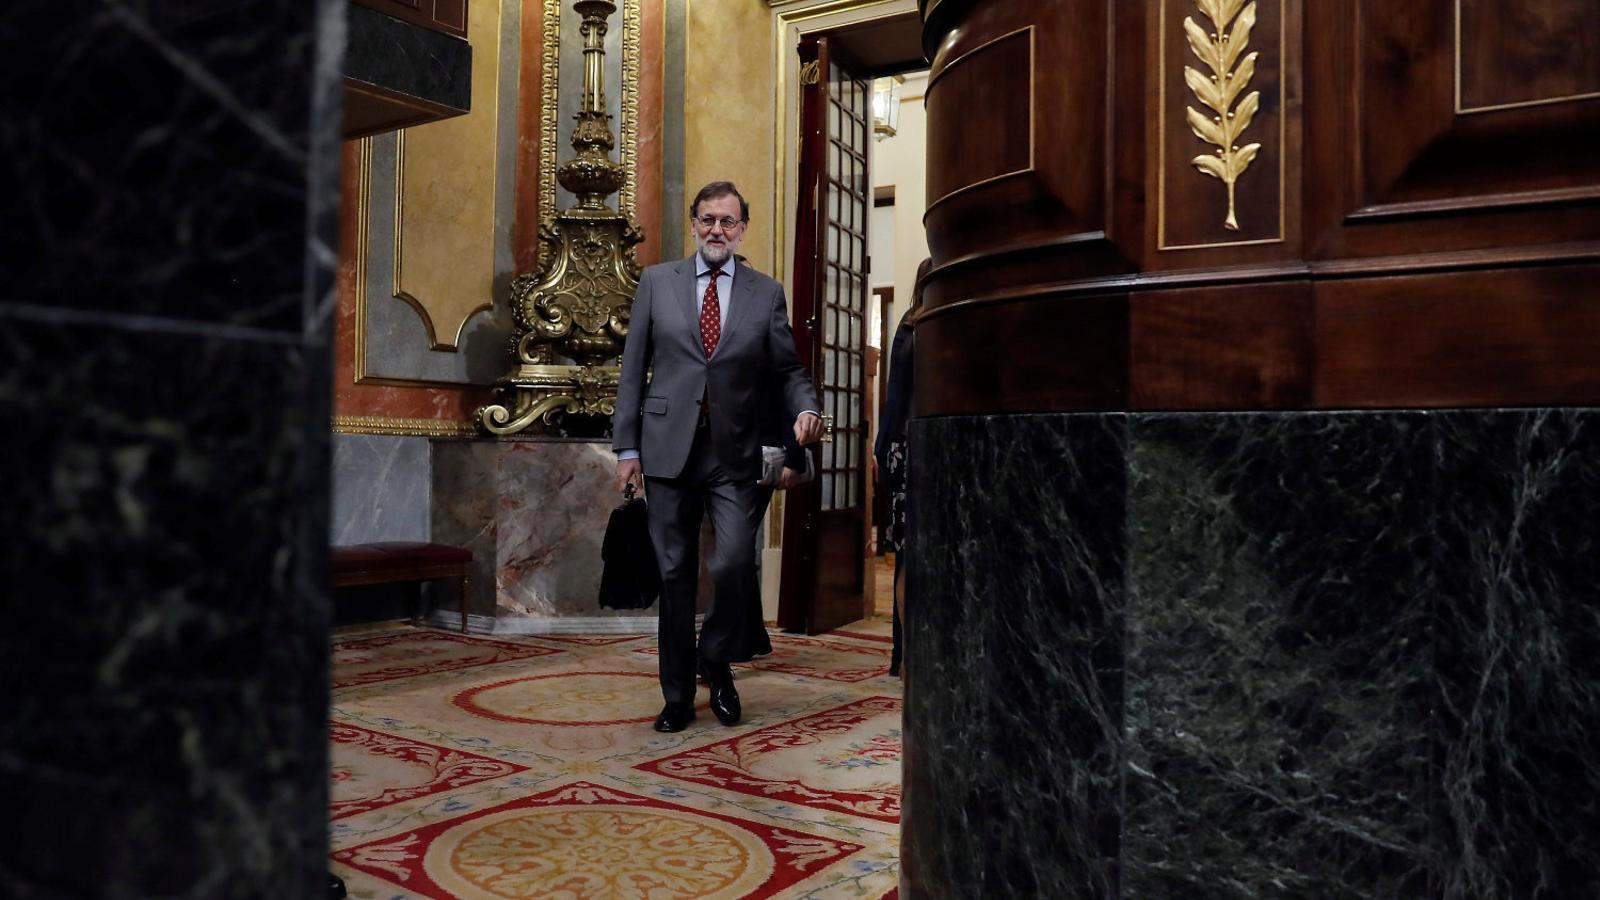 El president del govern espanyol, Mariano Rajoy, entrant a l'hemicicle del Congrés per sotmetre's a la sessió de control d'aquesta setmana.